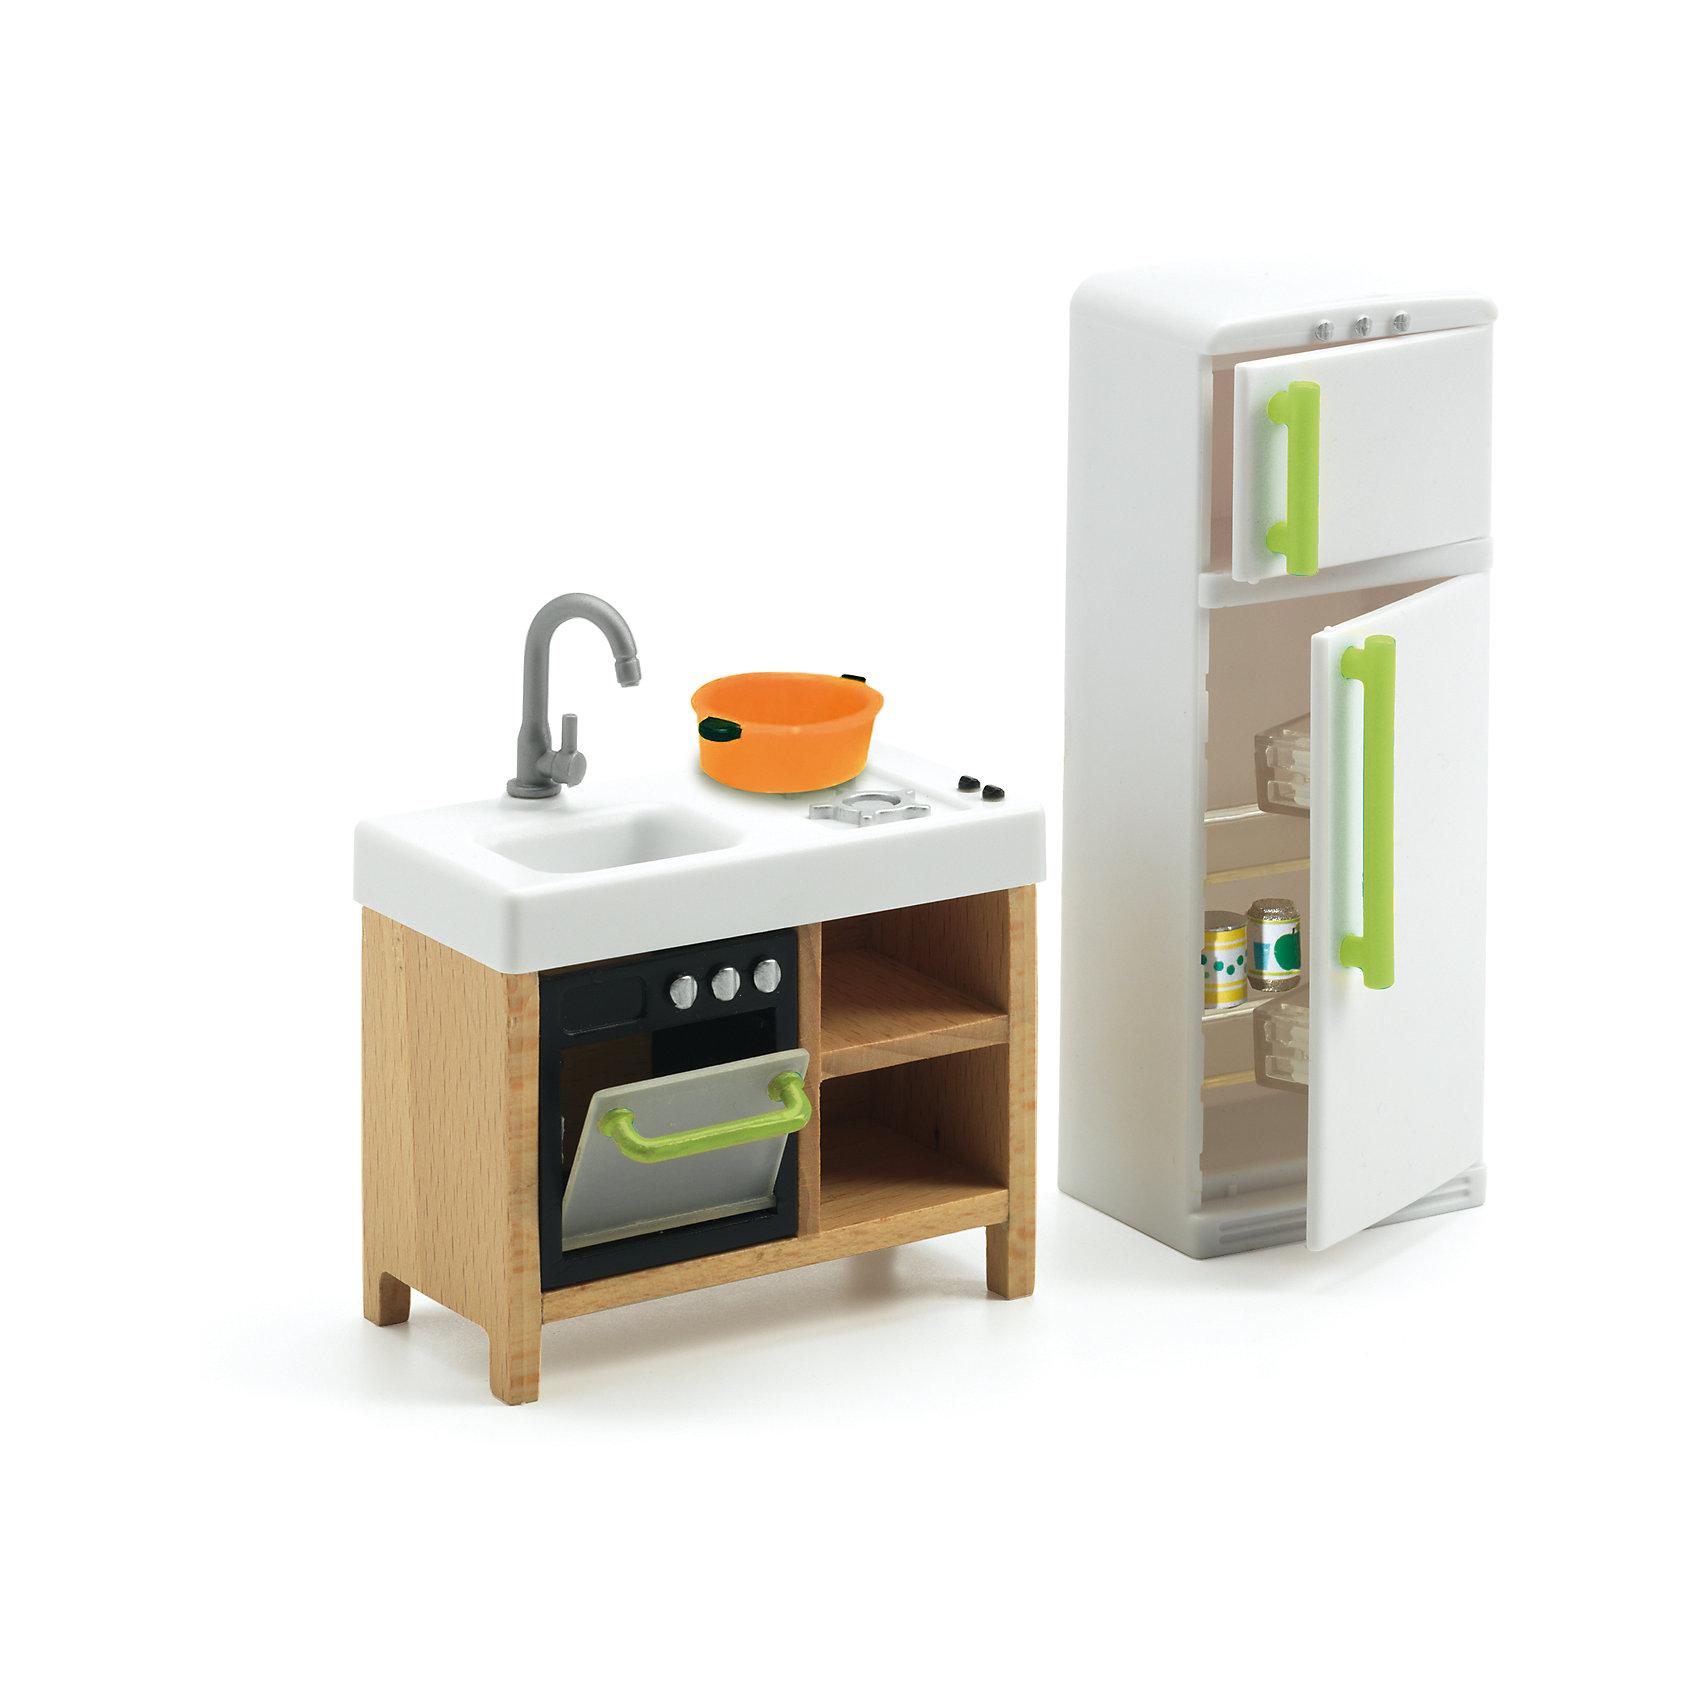 Мебель для кукольного дома, Кухня, DJECOМебель для кукольного дома, Кухня, DJECO (ДЖЕКО).<br><br>Характеристики:<br><br>- В набор входит: холодильник с морозильником; тумба с мойкой, духовкой, плитой и полочками; кастрюлька; 3 баночки с напитками<br>- Материал: древесина, пластик<br>- Упаковка: подарочная коробка<br>- Размер упаковки: 12,5х15,5х4,5 см.<br><br>Мебель для кукольного дома Кухня от французского производителя Djeco (Джеко) – превосходный набор для игр, который приведет в восторг всех любительниц игр с куклами и кукольными домиками. Мебель для кухни станет прекрасным дополнением для сюжетных игр ребенка. В процессе такой игры у ребенка будет прекрасно развиваться фантазия и воображение, усидчивость и внимание. Все детали изготовлены из высококачественных безопасных для ребенка материалов.<br><br>Мебель для кукольного дома, Кухня, DJECO (ДЖЕКО) можно купить в нашем интернет-магазине.<br><br>Ширина мм: 125<br>Глубина мм: 155<br>Высота мм: 45<br>Вес г: 1000<br>Возраст от месяцев: 48<br>Возраст до месяцев: 2147483647<br>Пол: Женский<br>Возраст: Детский<br>SKU: 5299149